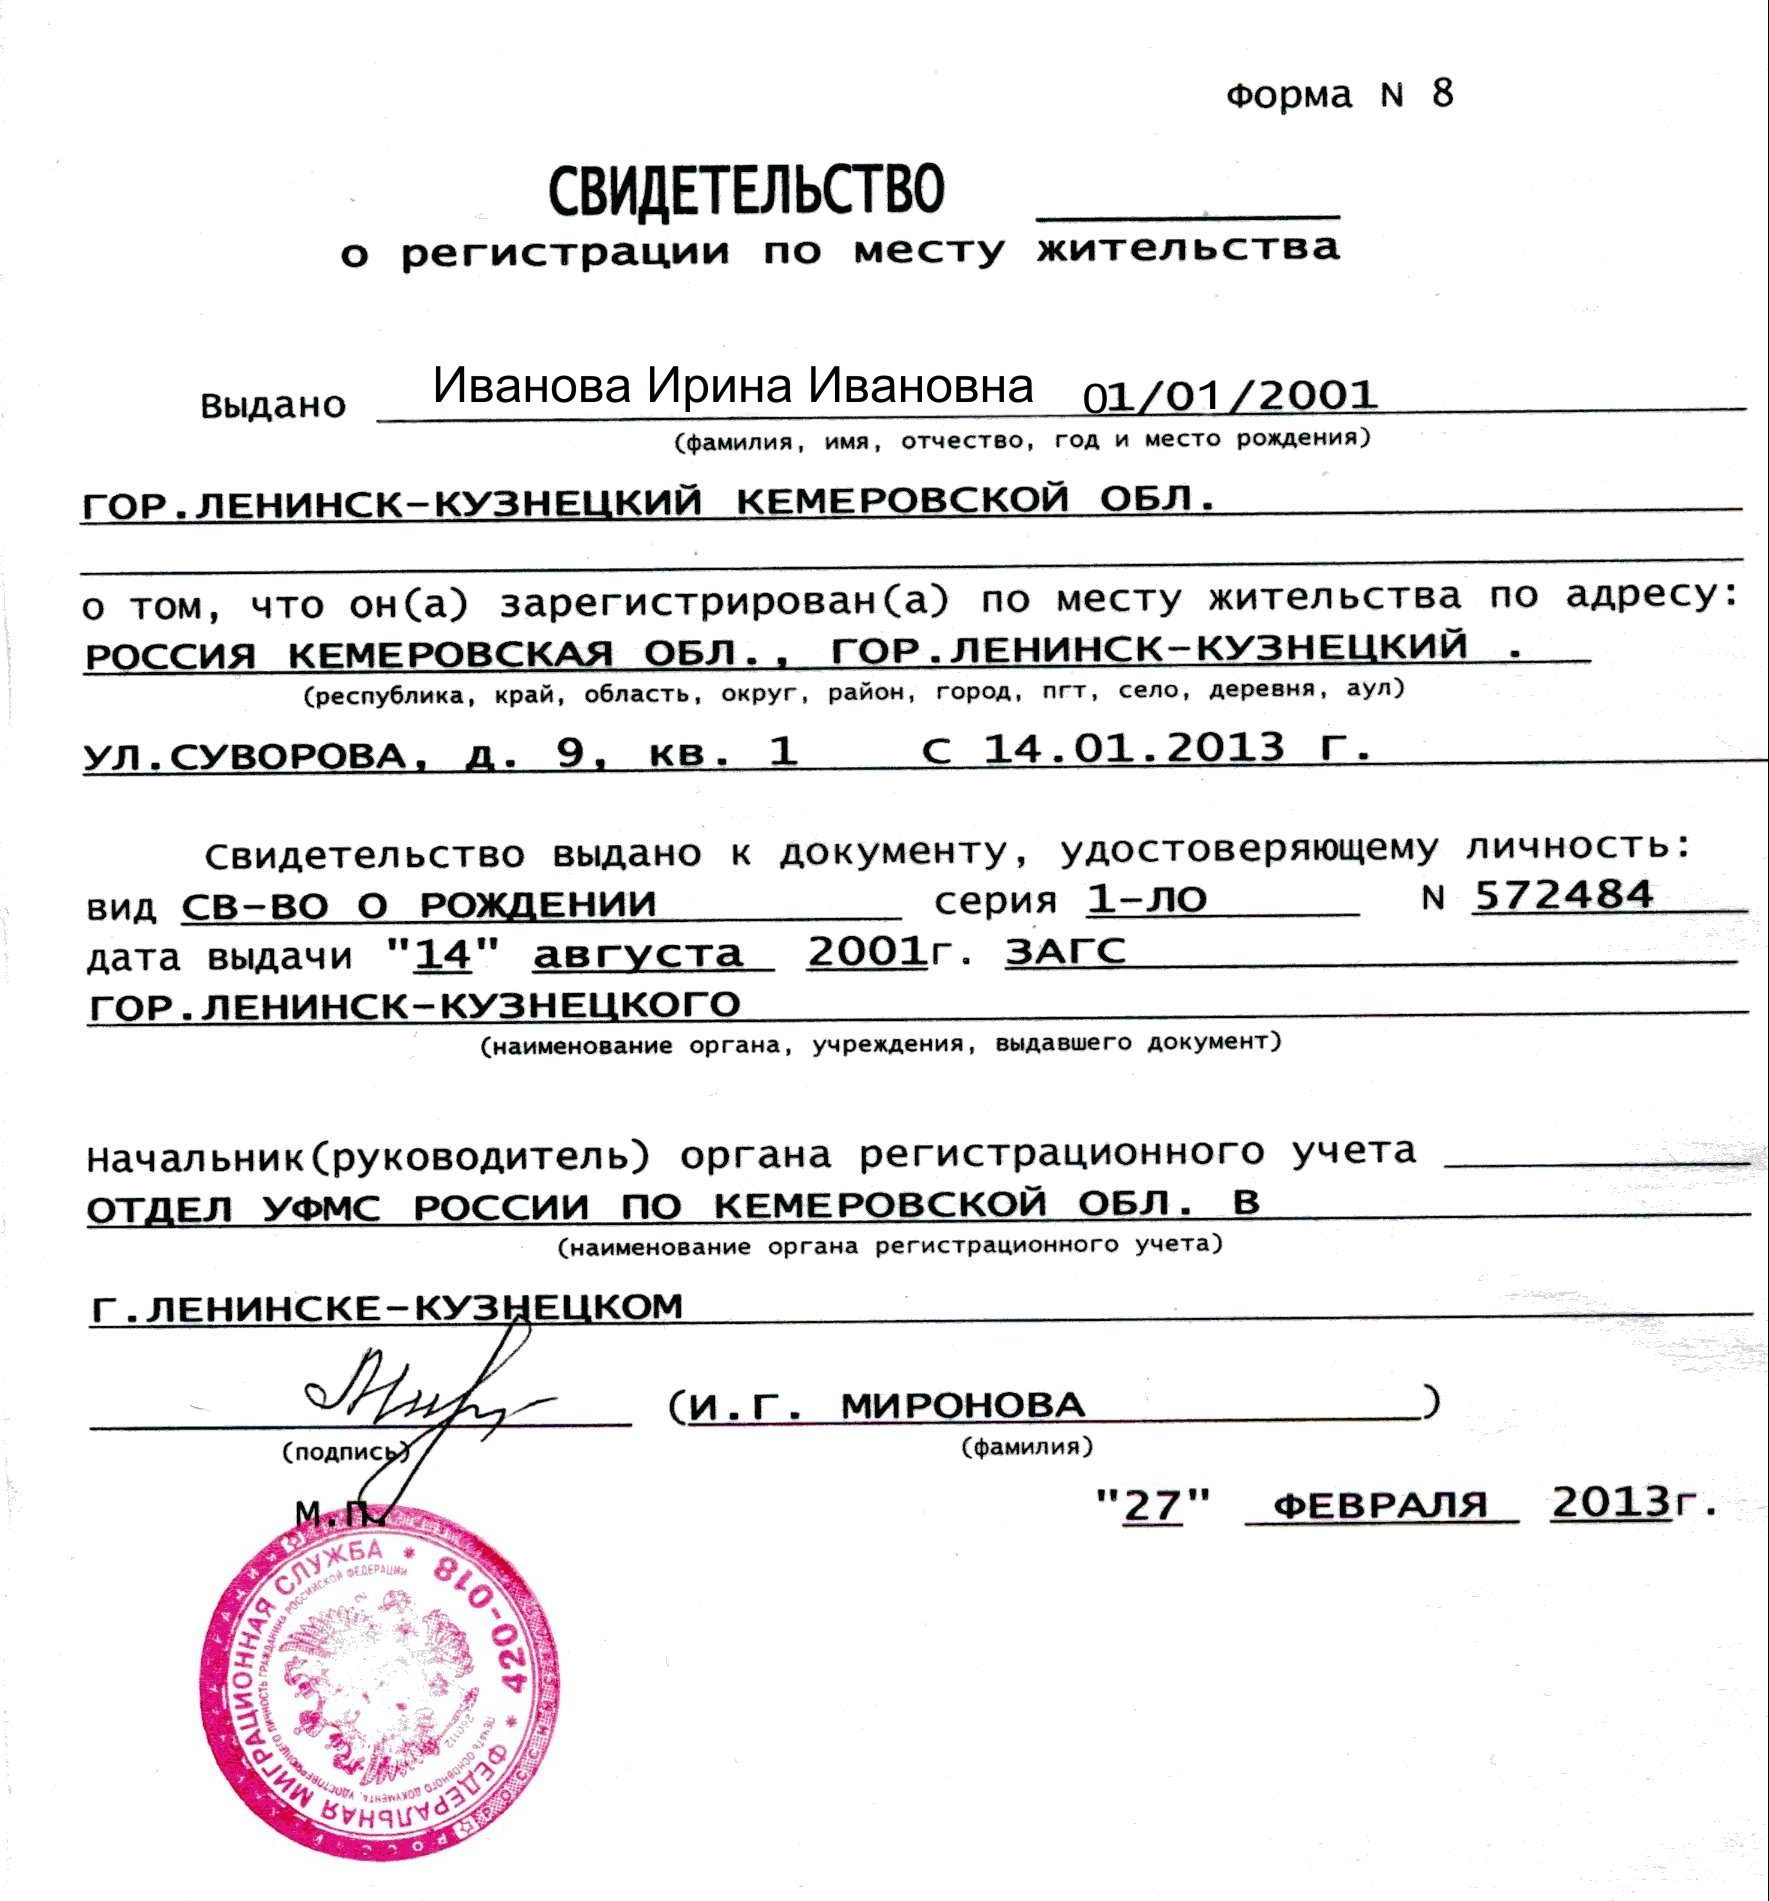 Форма № 3, регистрация по месту пребывания: образец заполнения